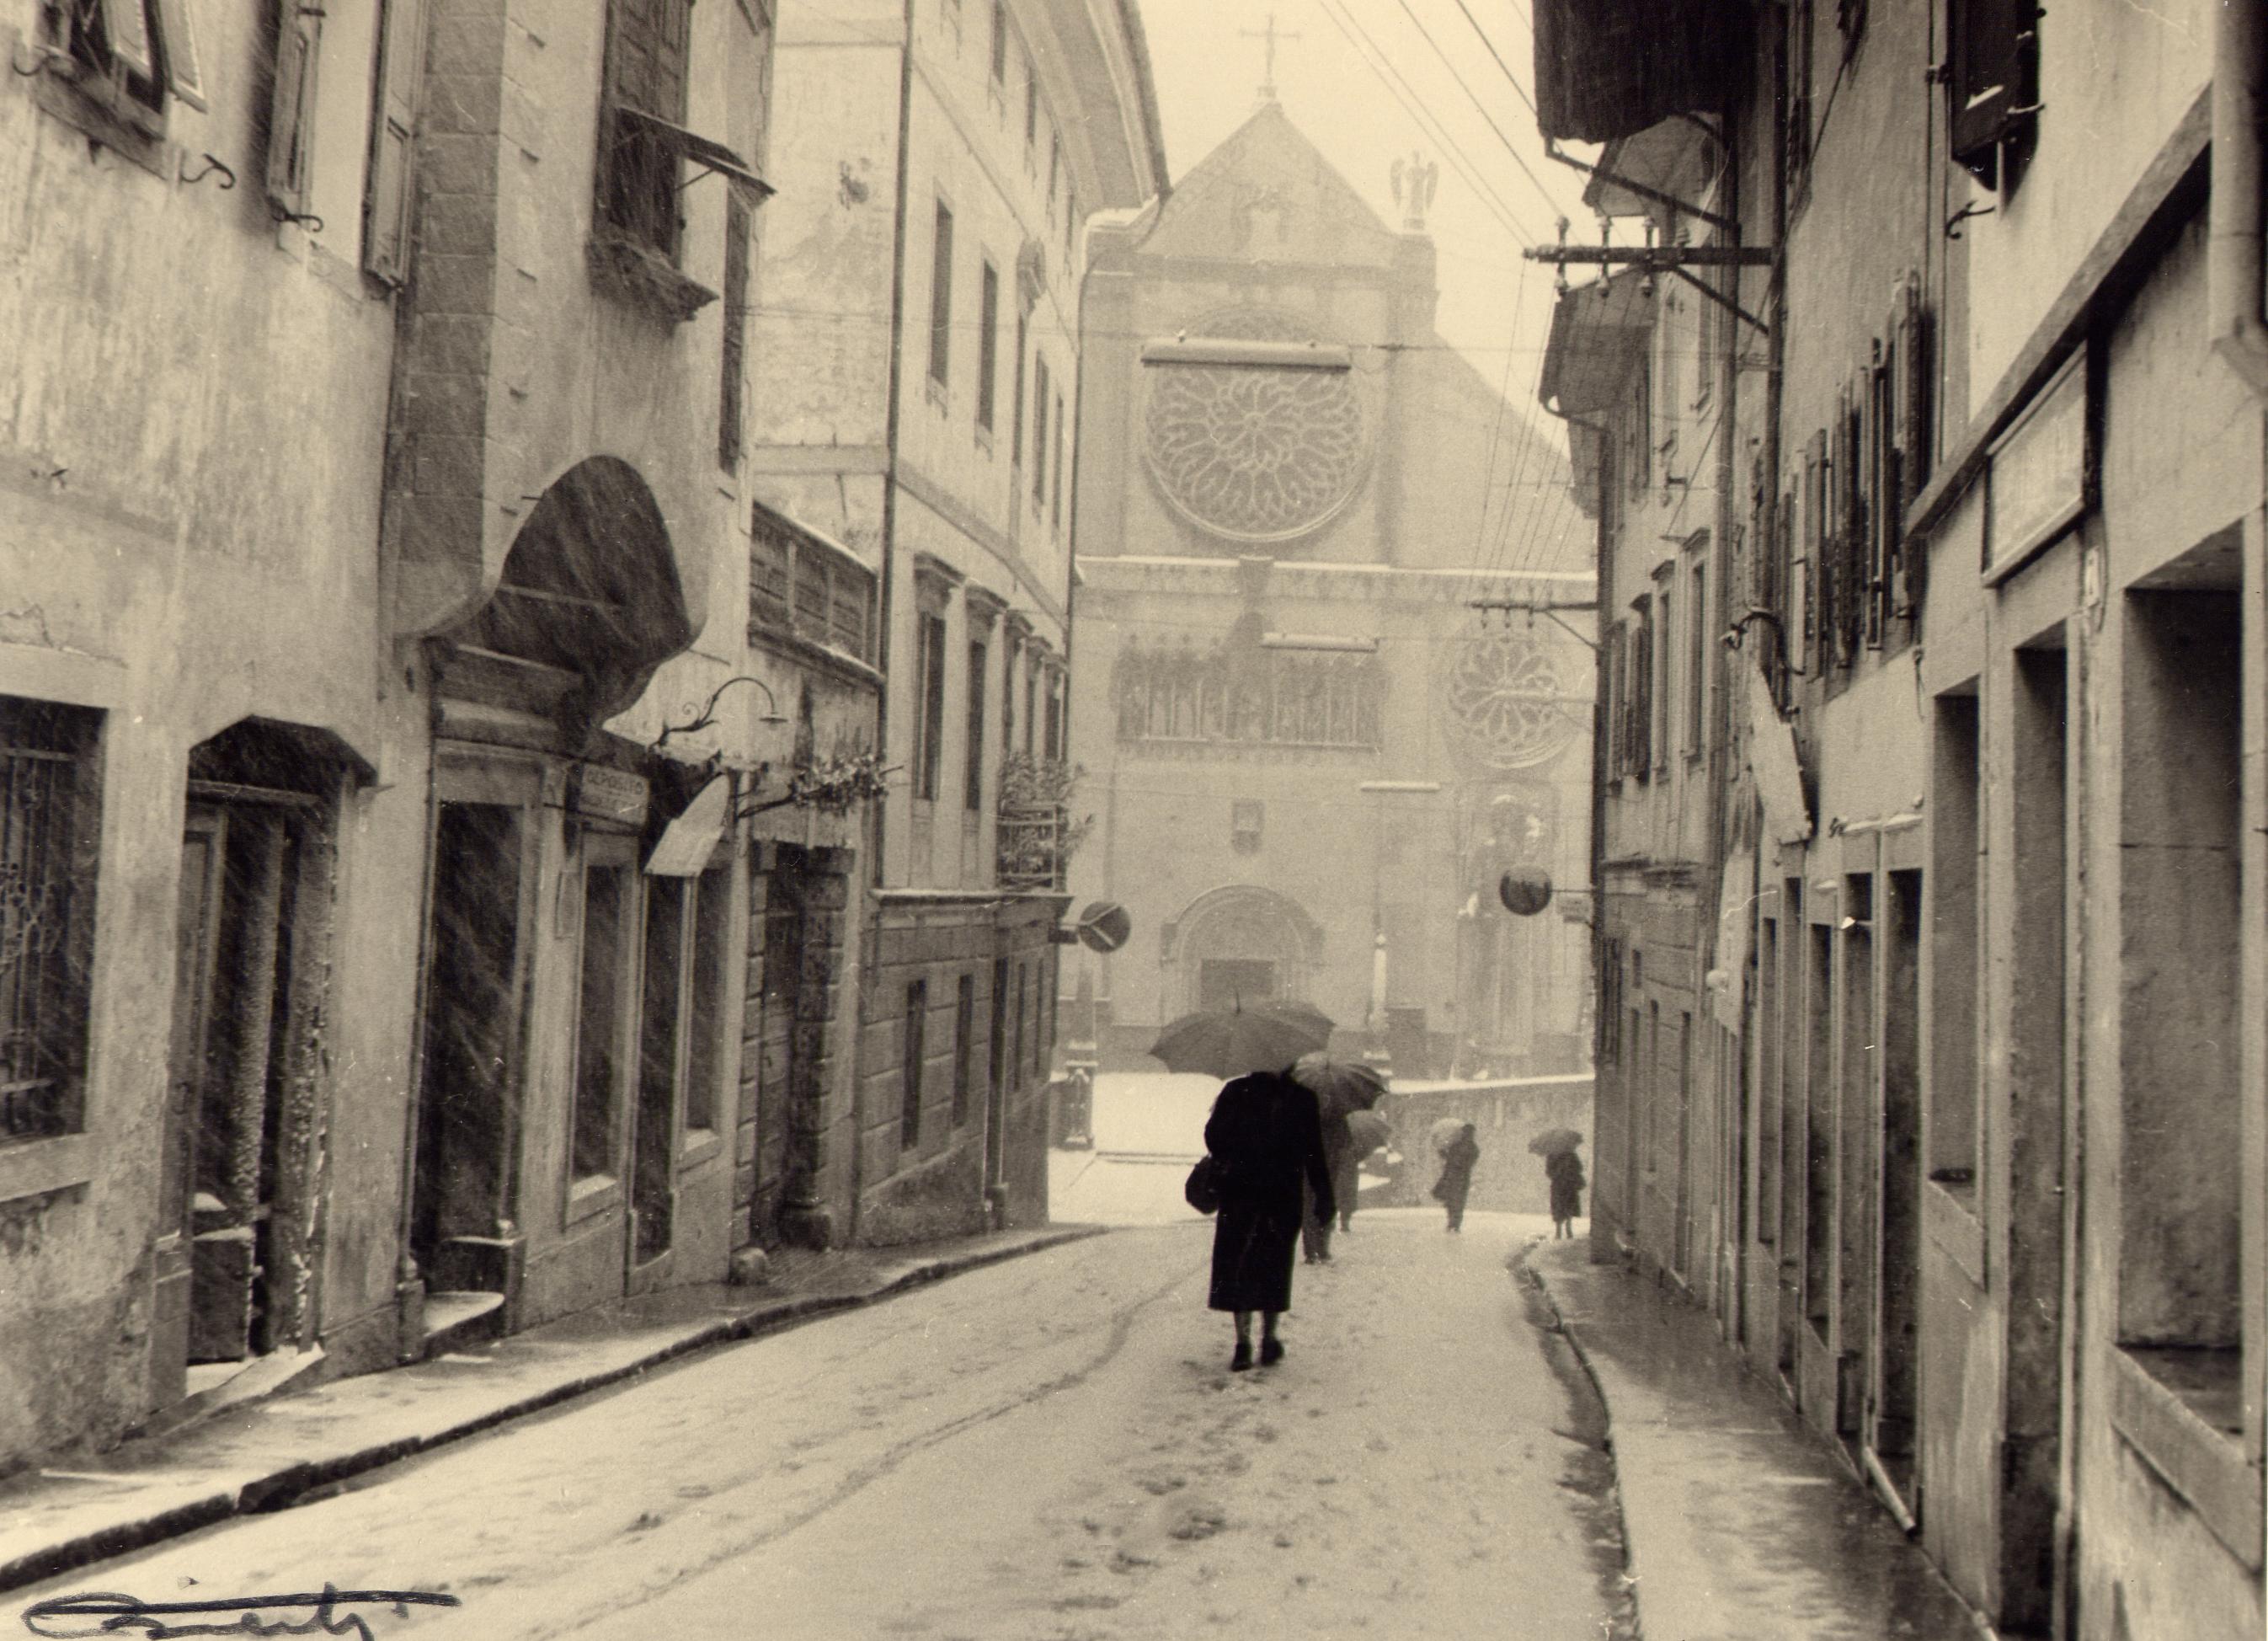 1956 via Bini